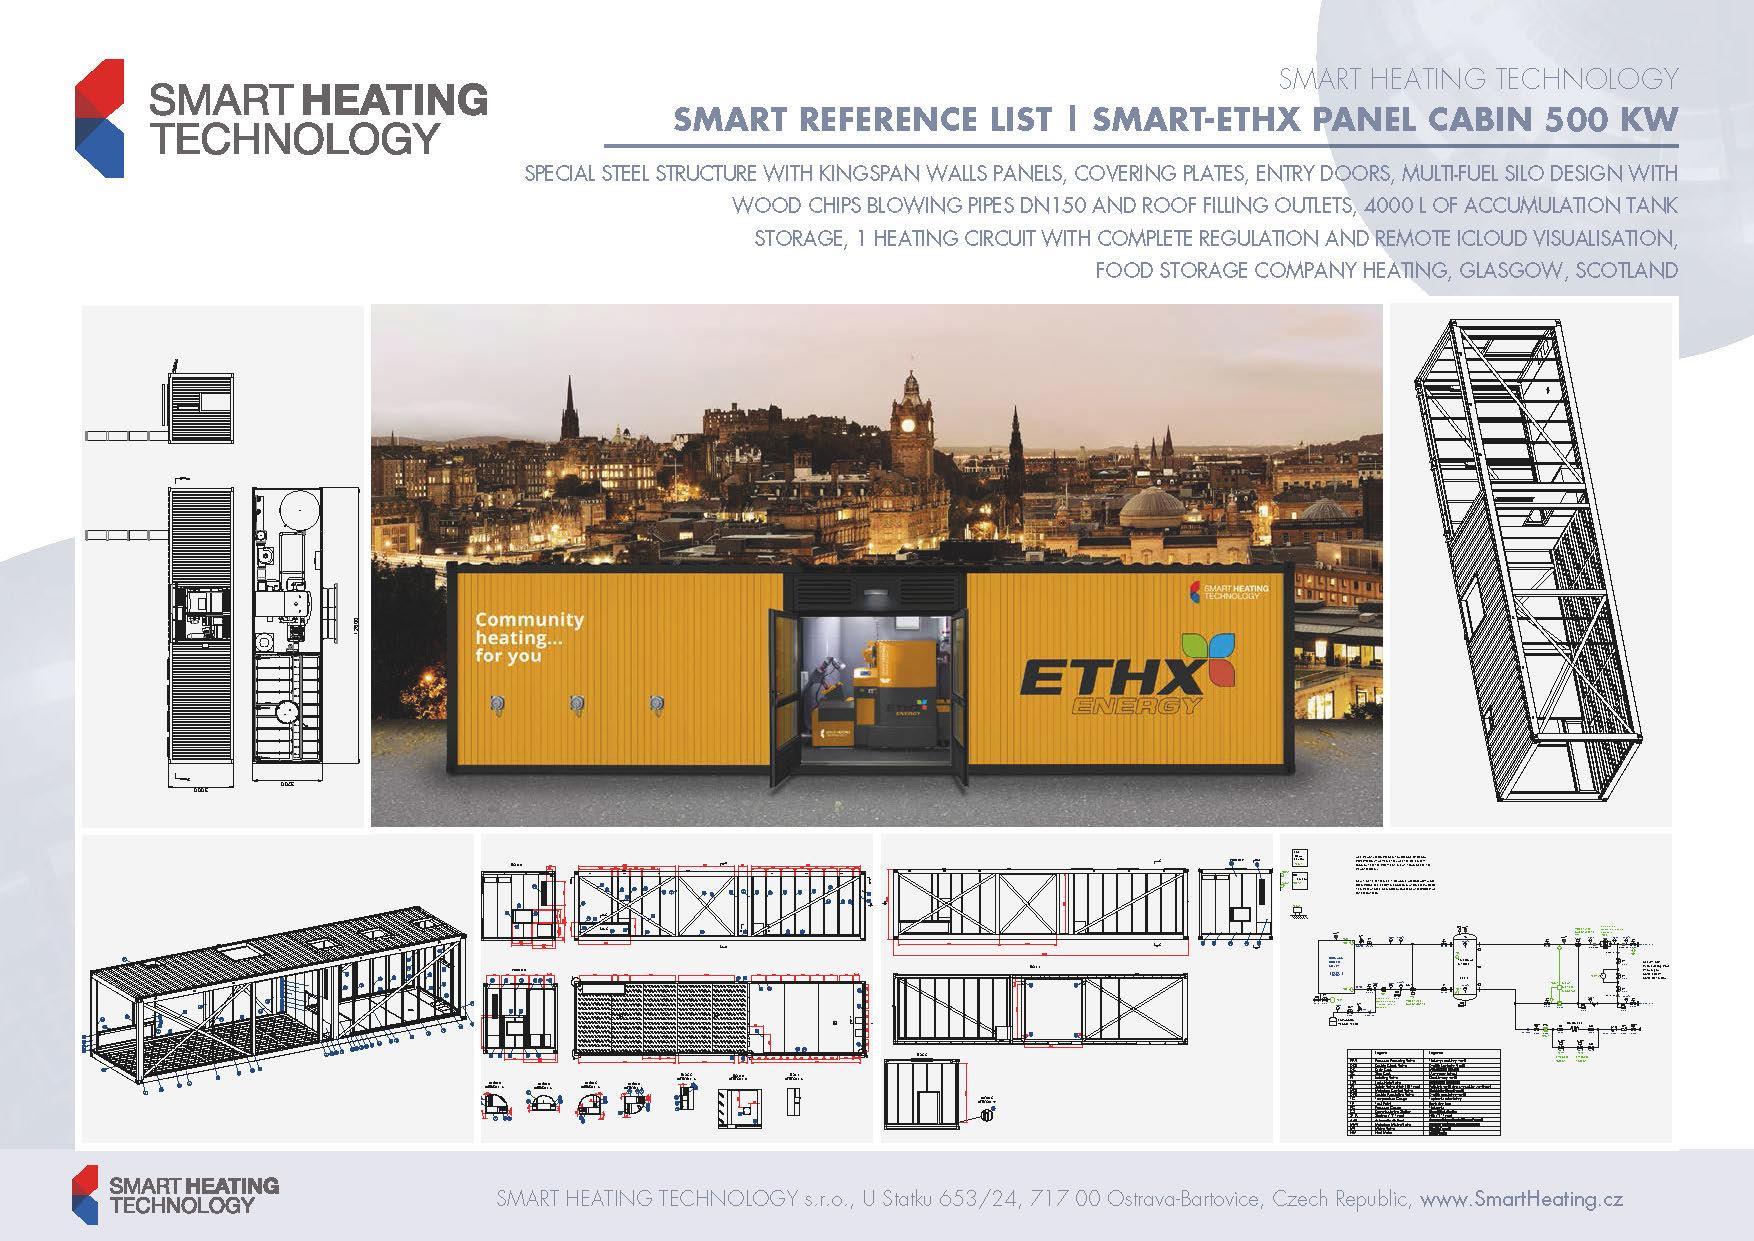 Smart_ETHX_Cabin_500kW_Reids_Foods